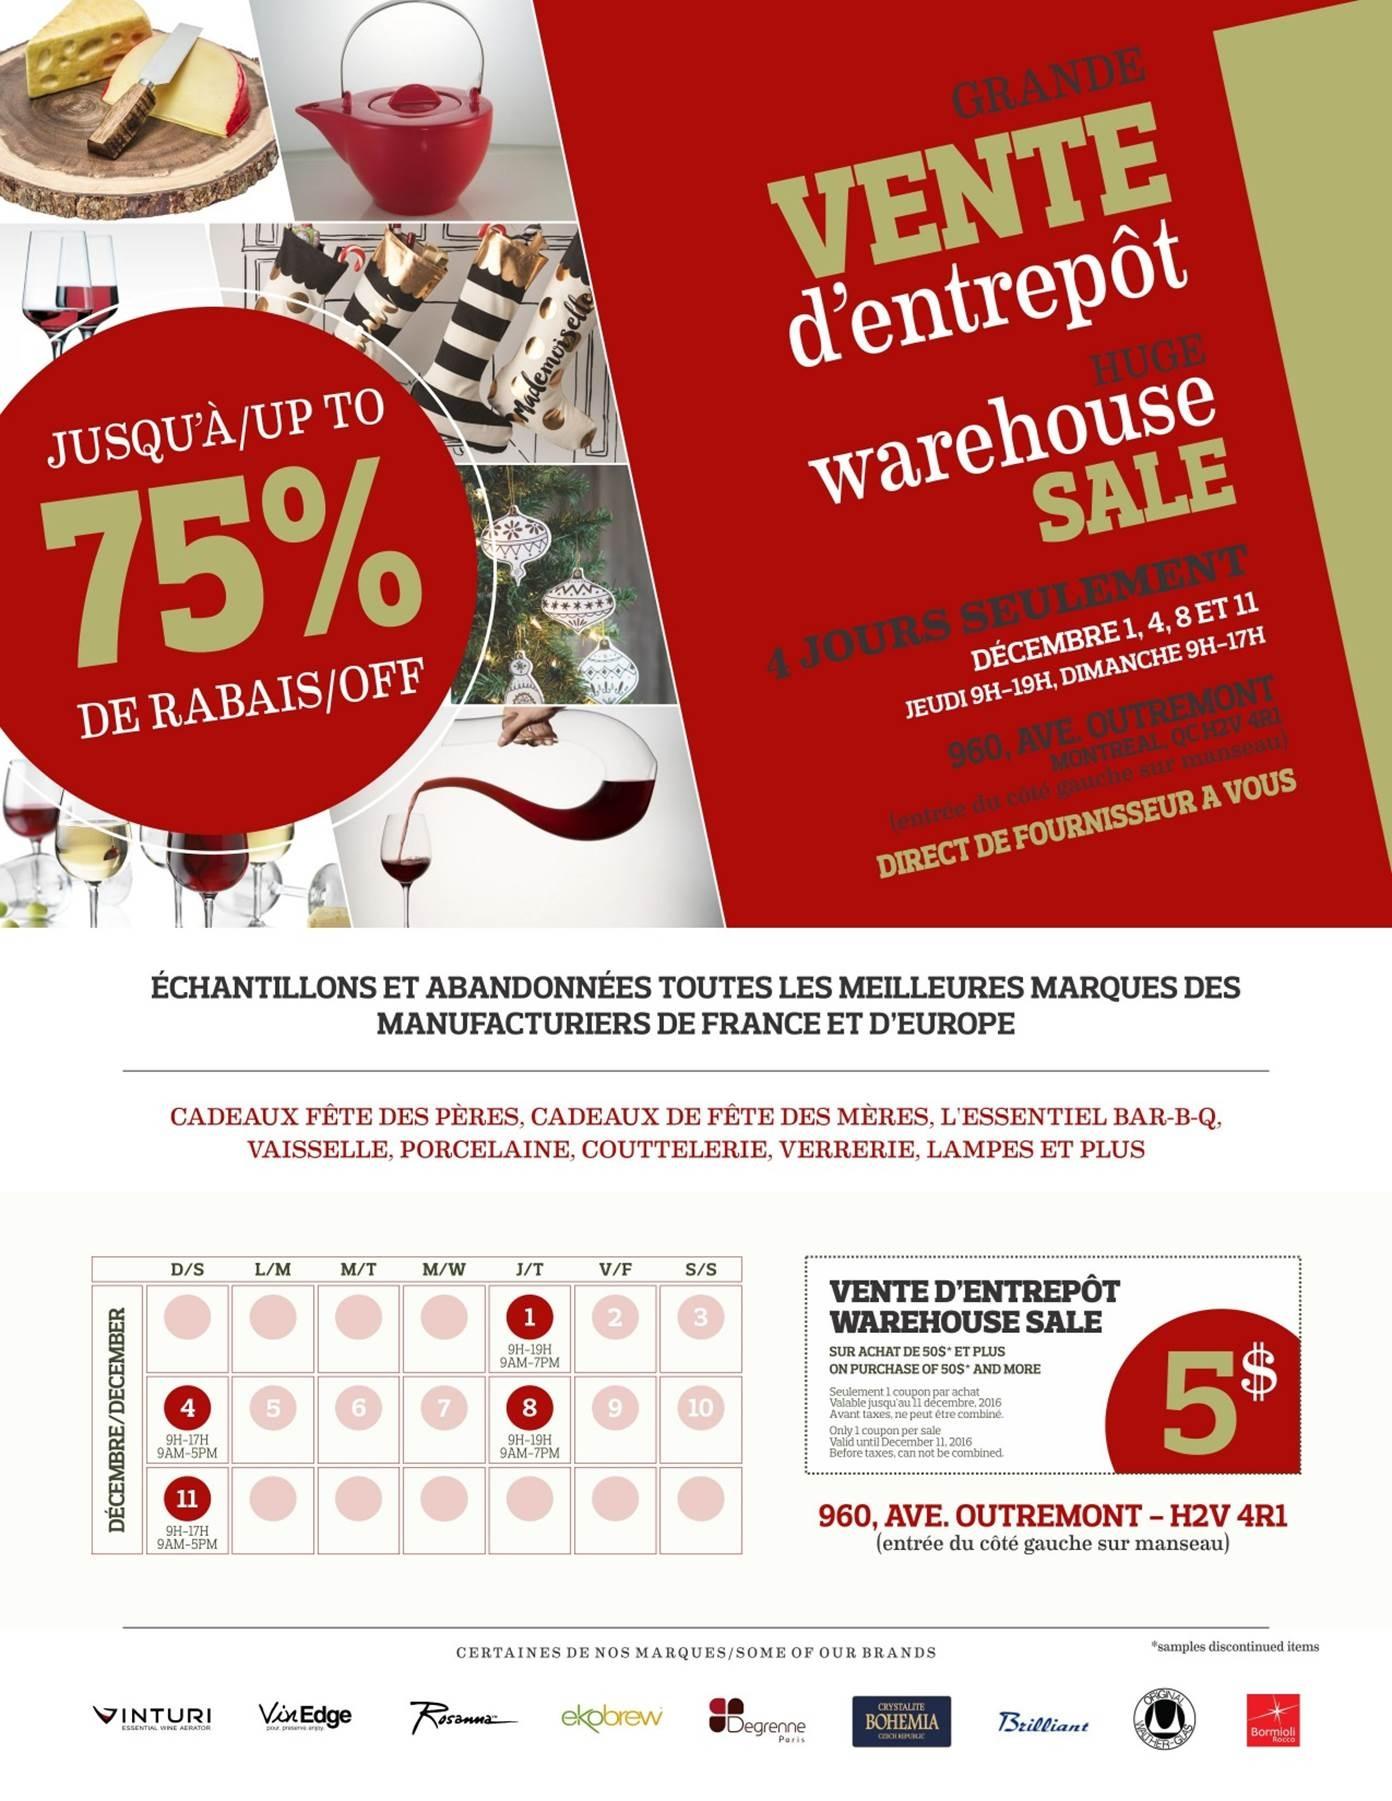 Montrealaubaine sujet mega vente d 39 entrepot anual for Entrepot liquidation